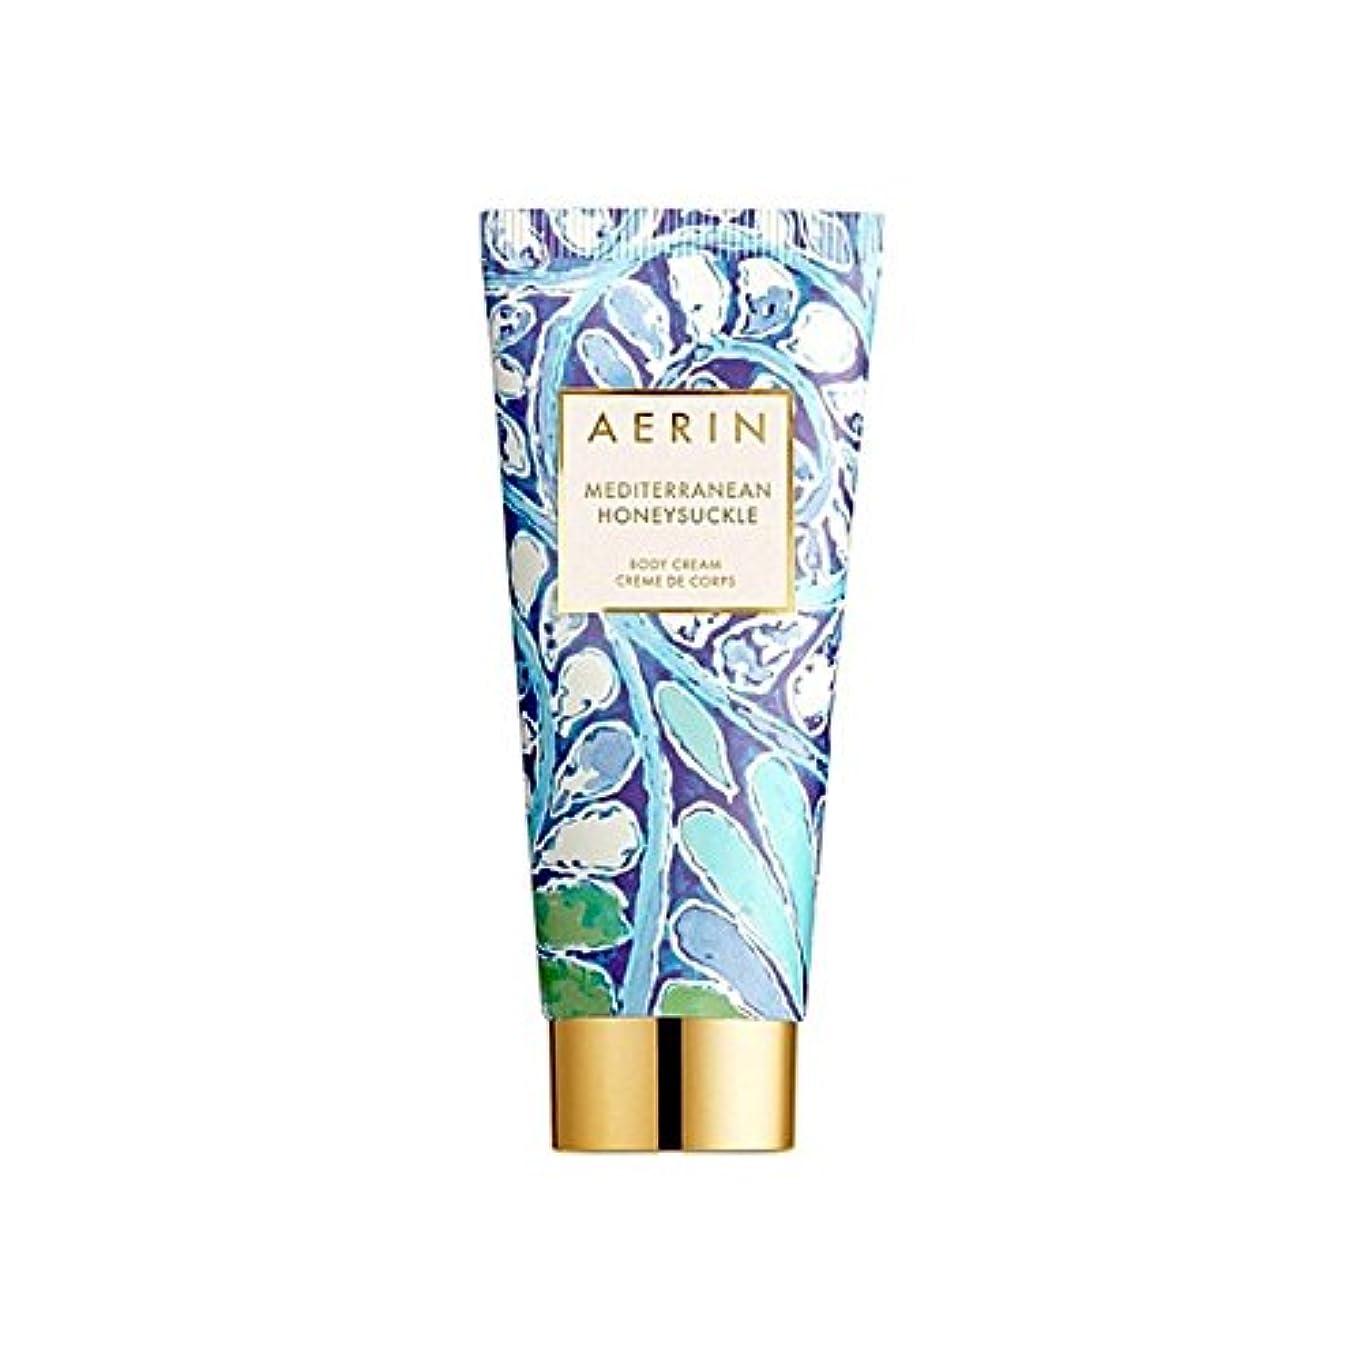 苦い呼びかける虎Aerin Mediterrenean Honeysuckle Body Cream 150ml (Pack of 6) - スイカズラボディクリーム150ミリリットル x6 [並行輸入品]